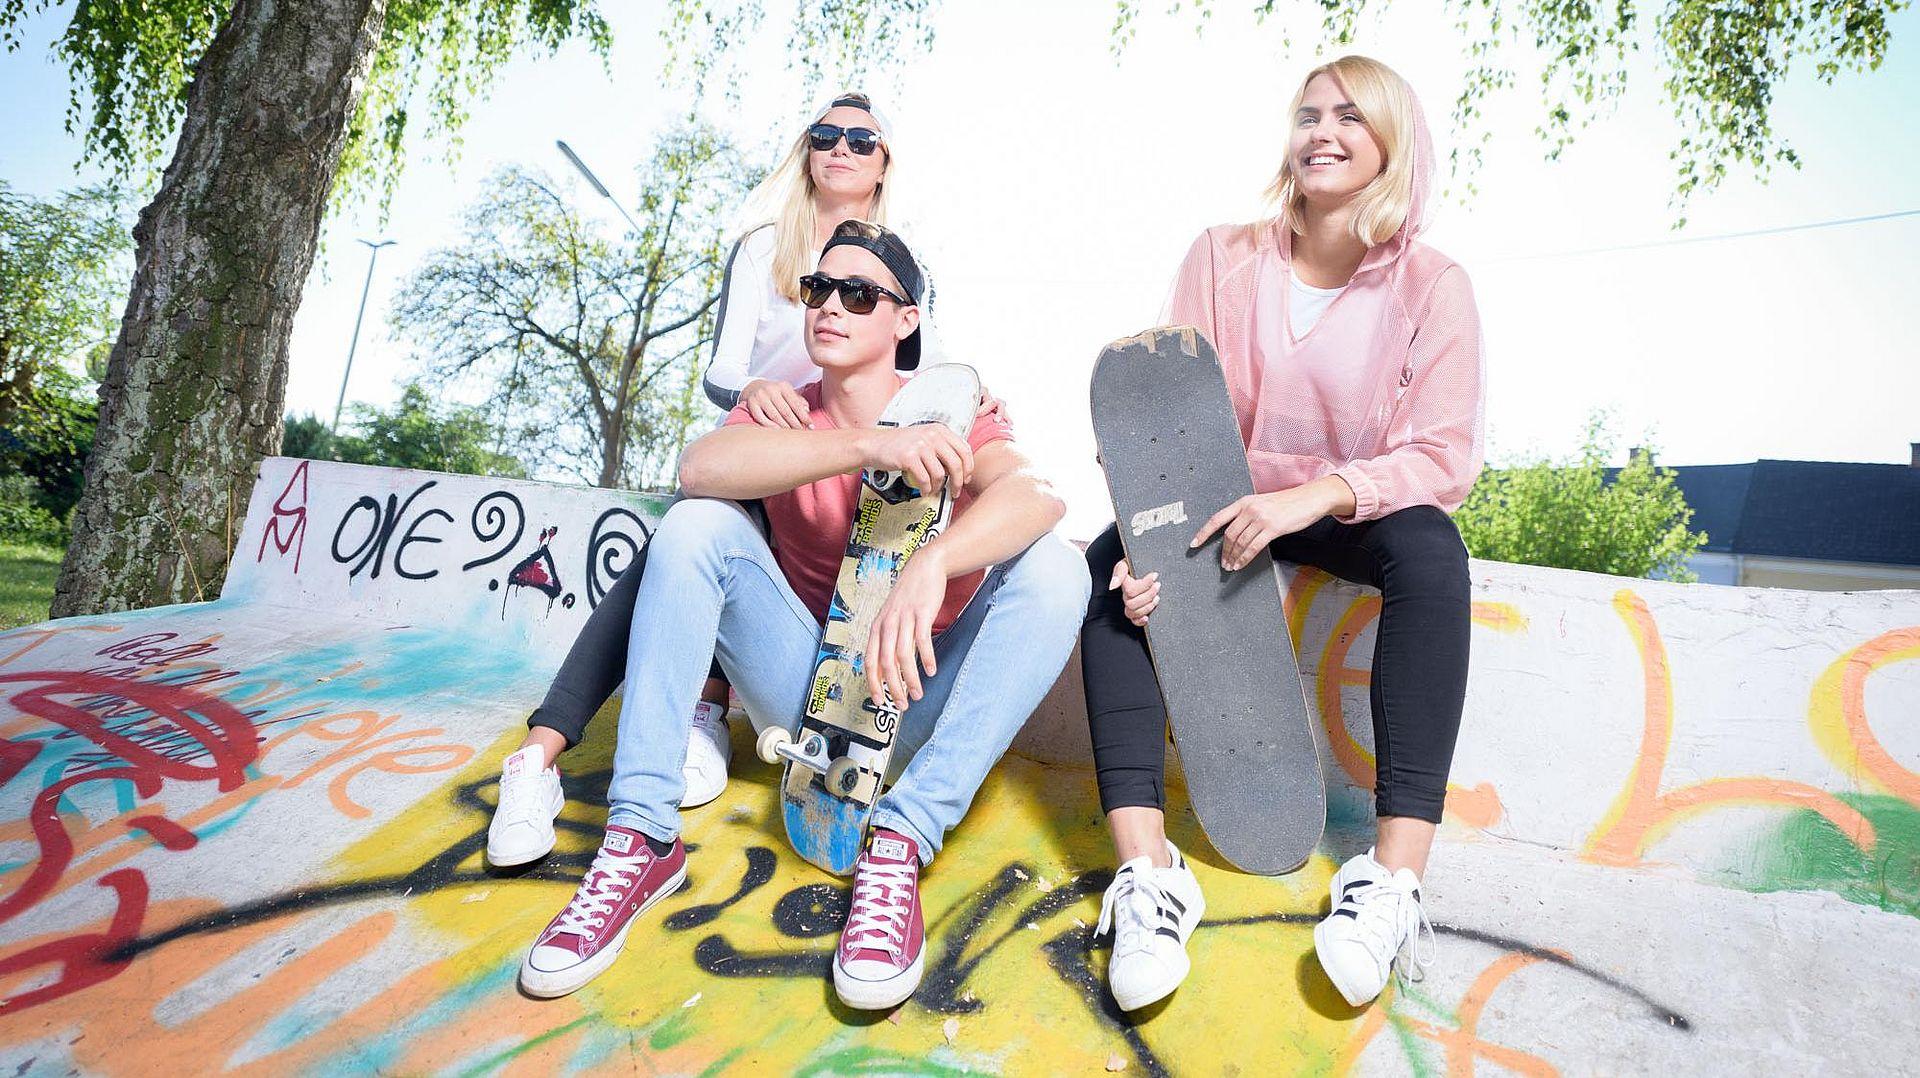 Jugendliche draußen mit Skateboard auf einer Skateboardrampe